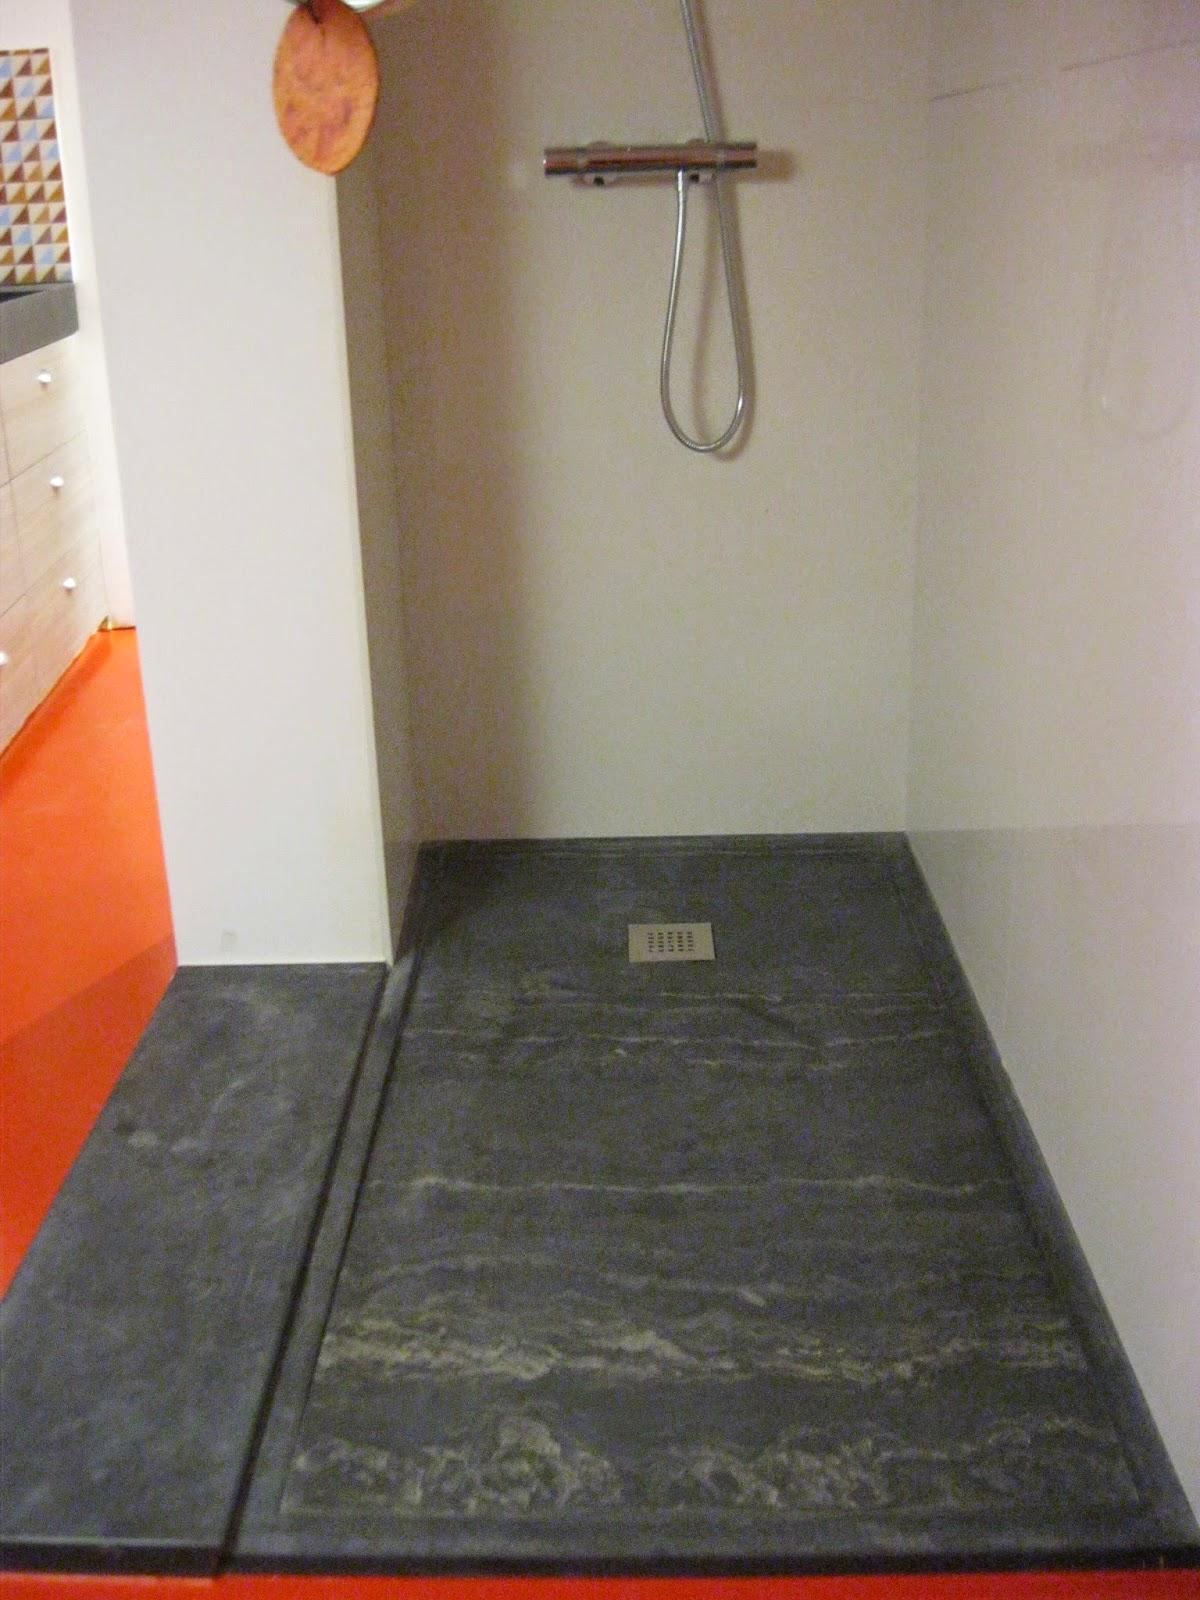 Marbres valls plats de dutxa for Plats de dutxa